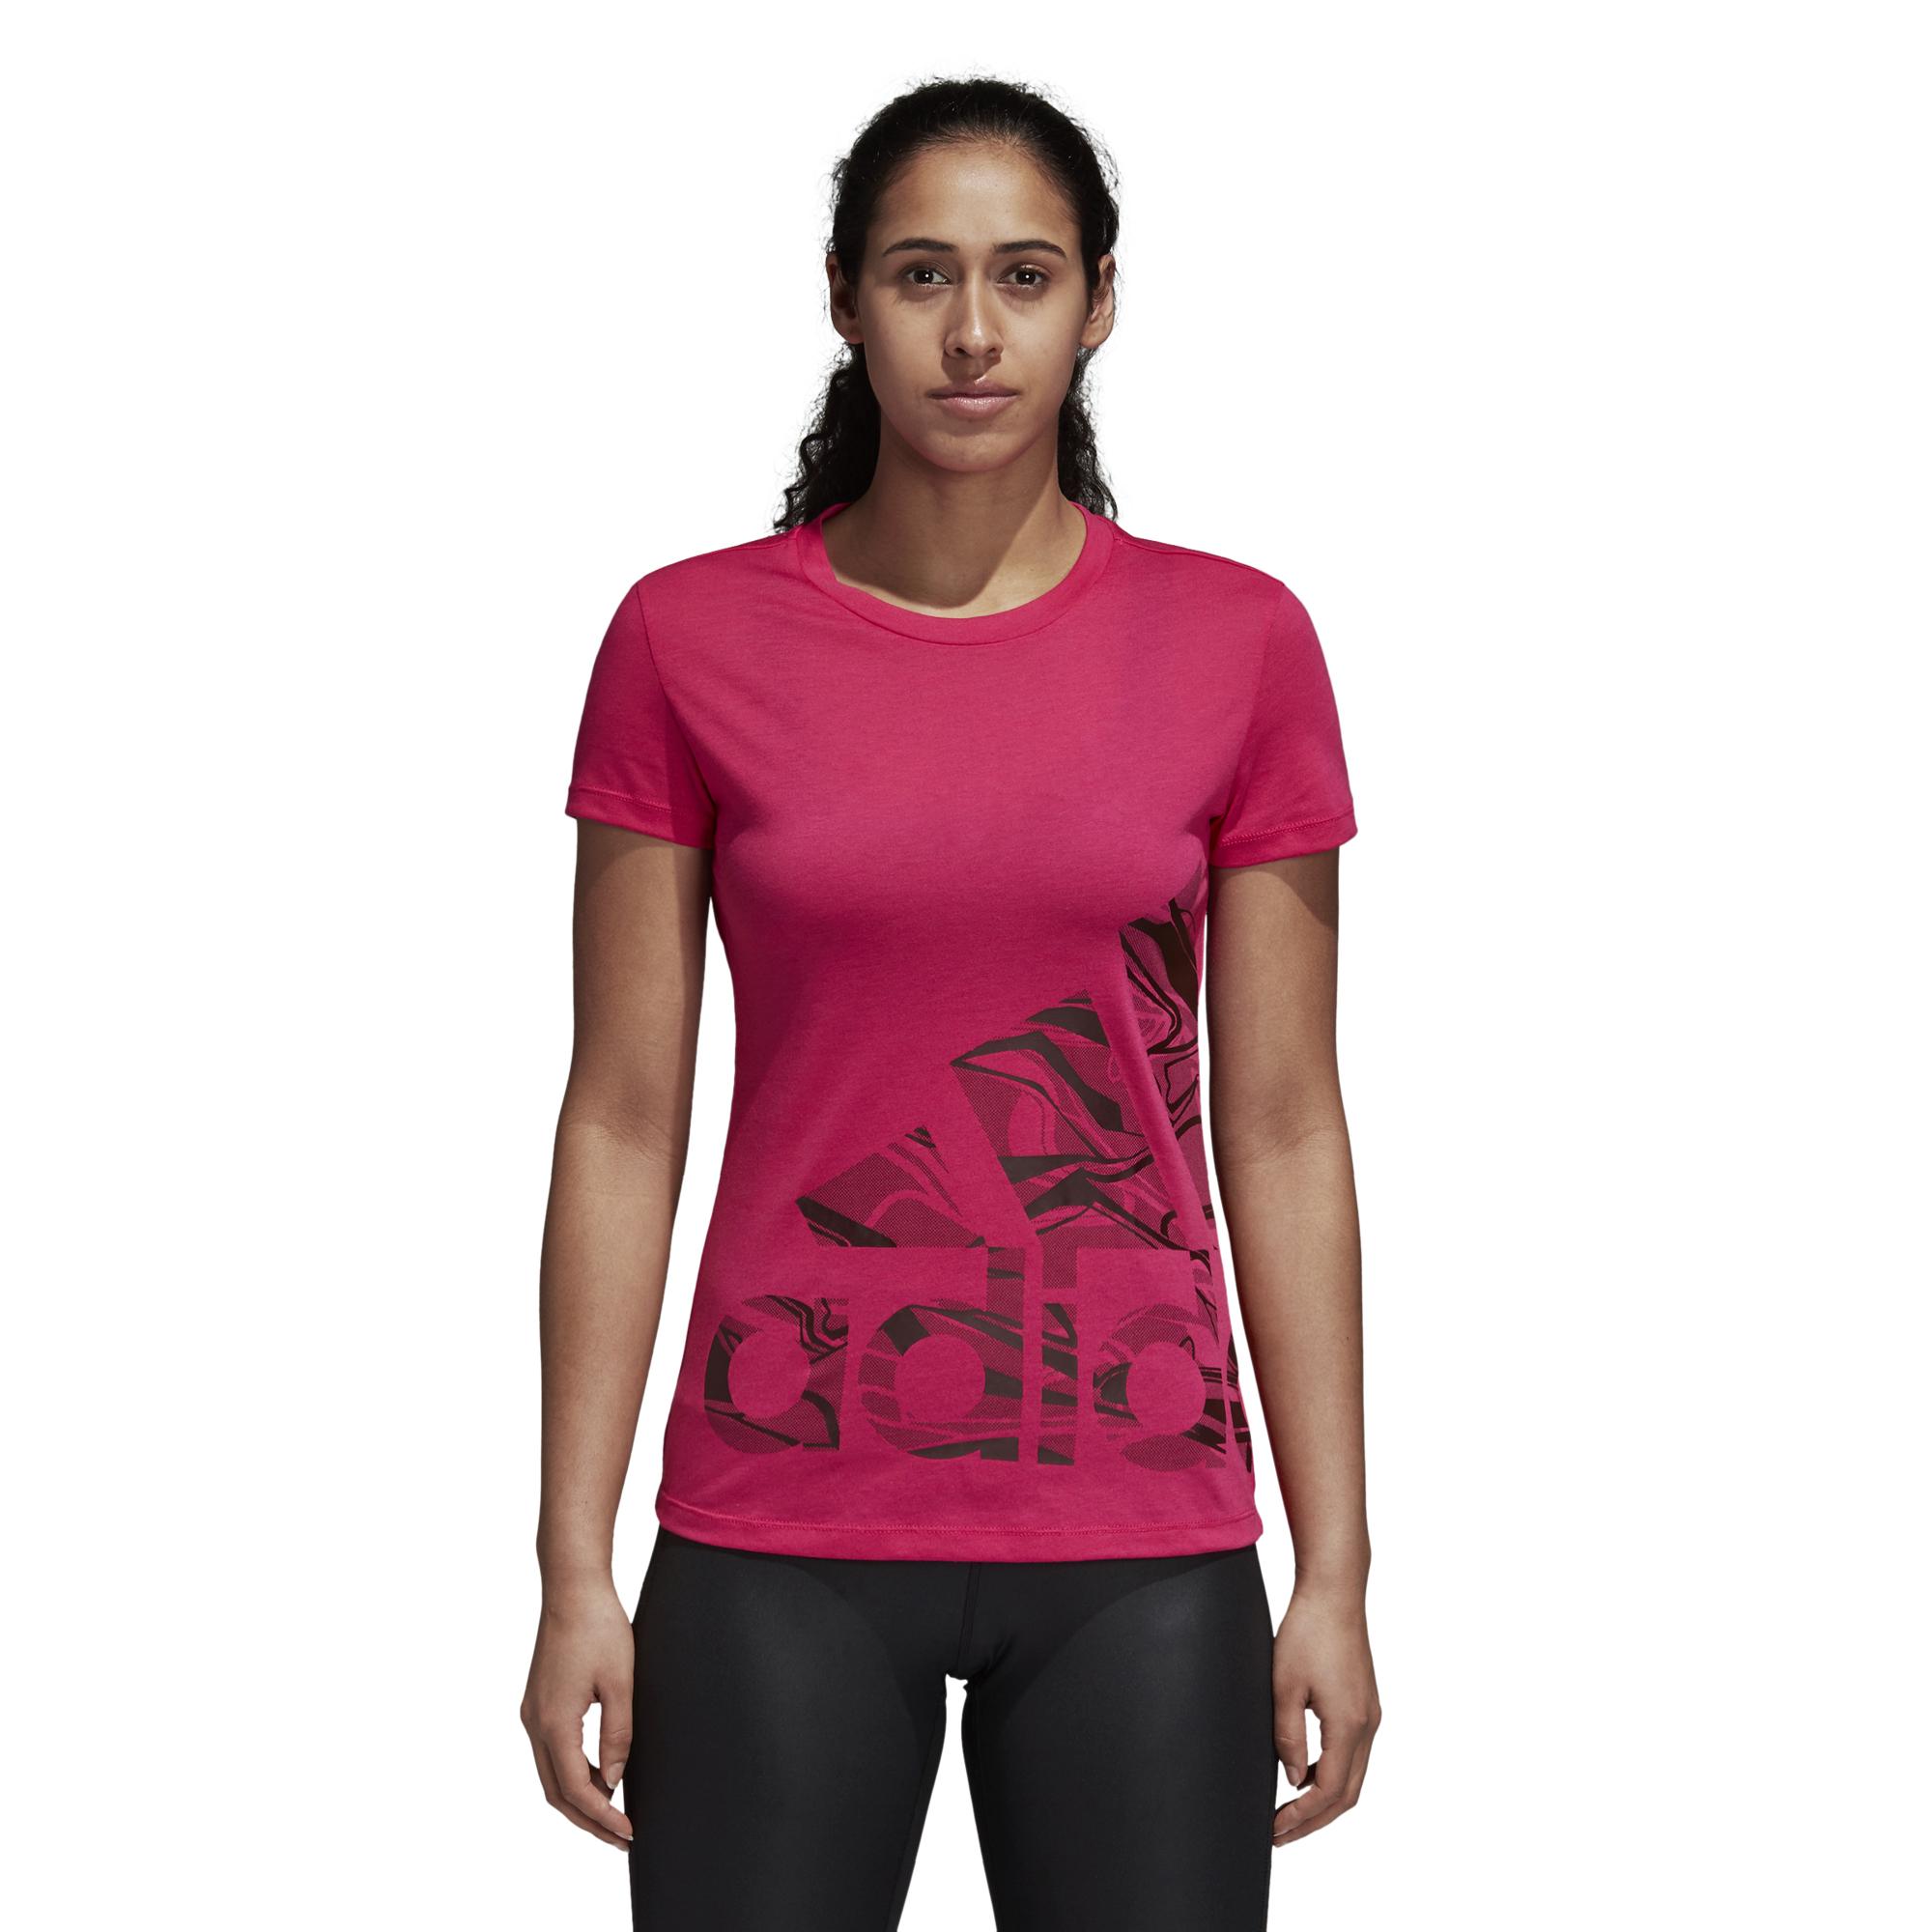 Conception innovante 2a794 5e248 T-shirt femme adidas Logo